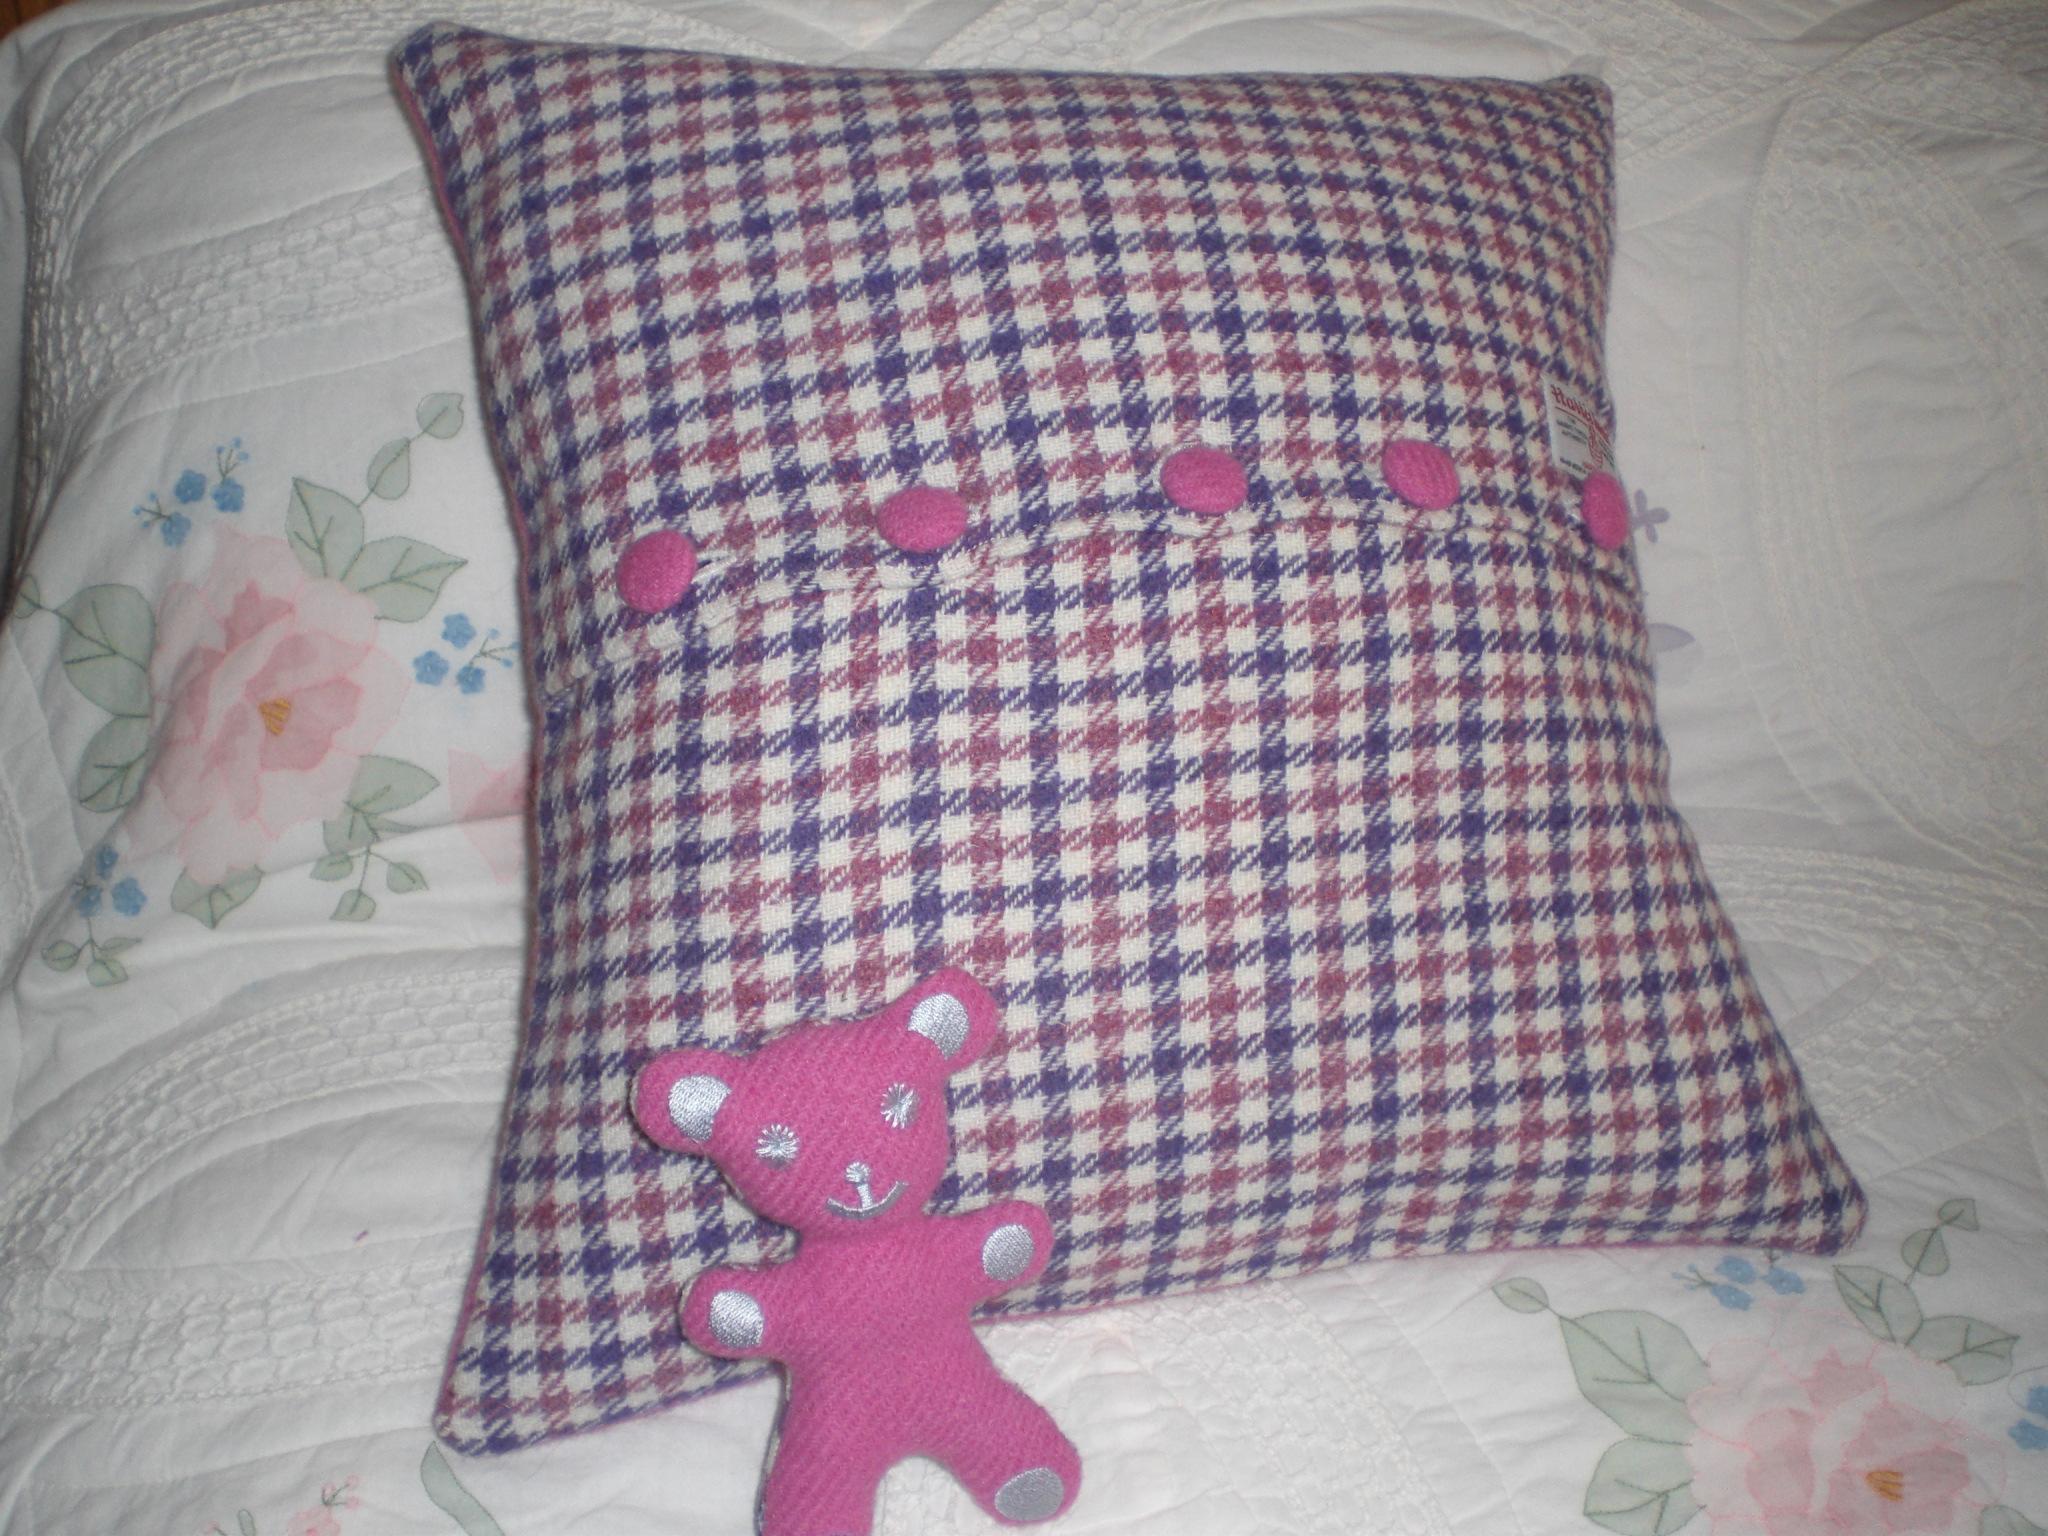 Moon Cushion with Teddy